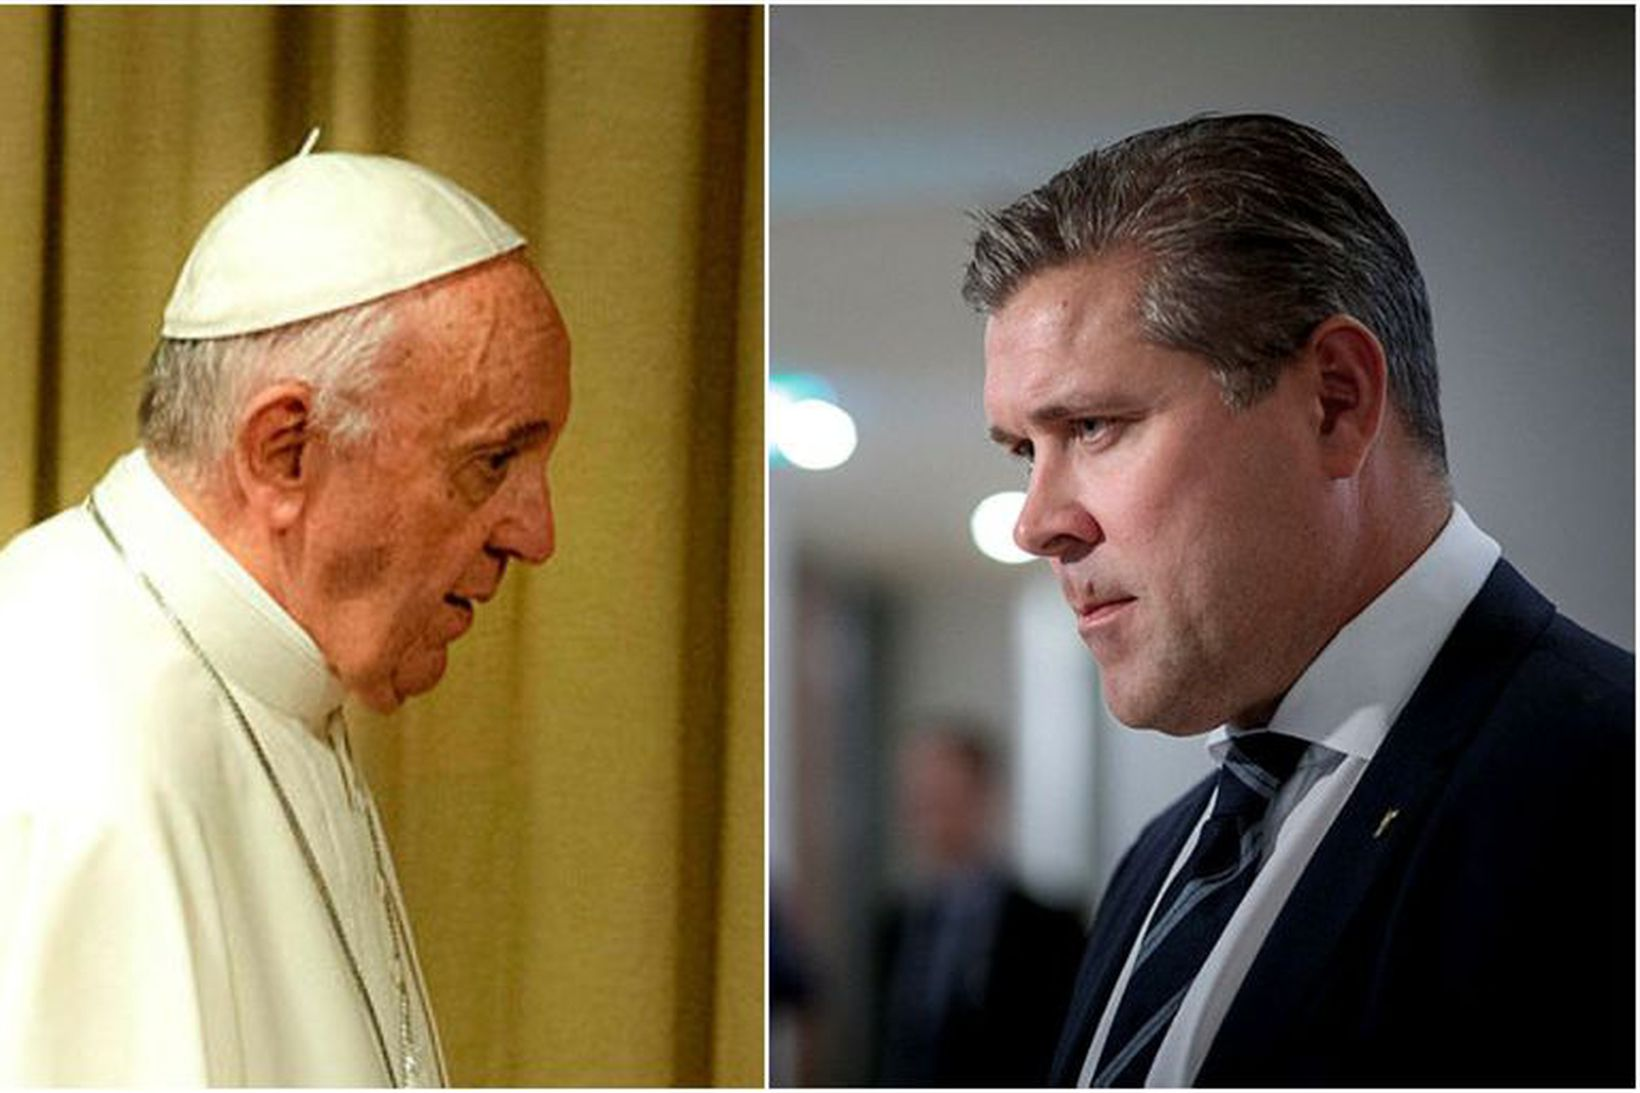 Bjarni Benediktsson kemur til með að hitta Frans páfa á …